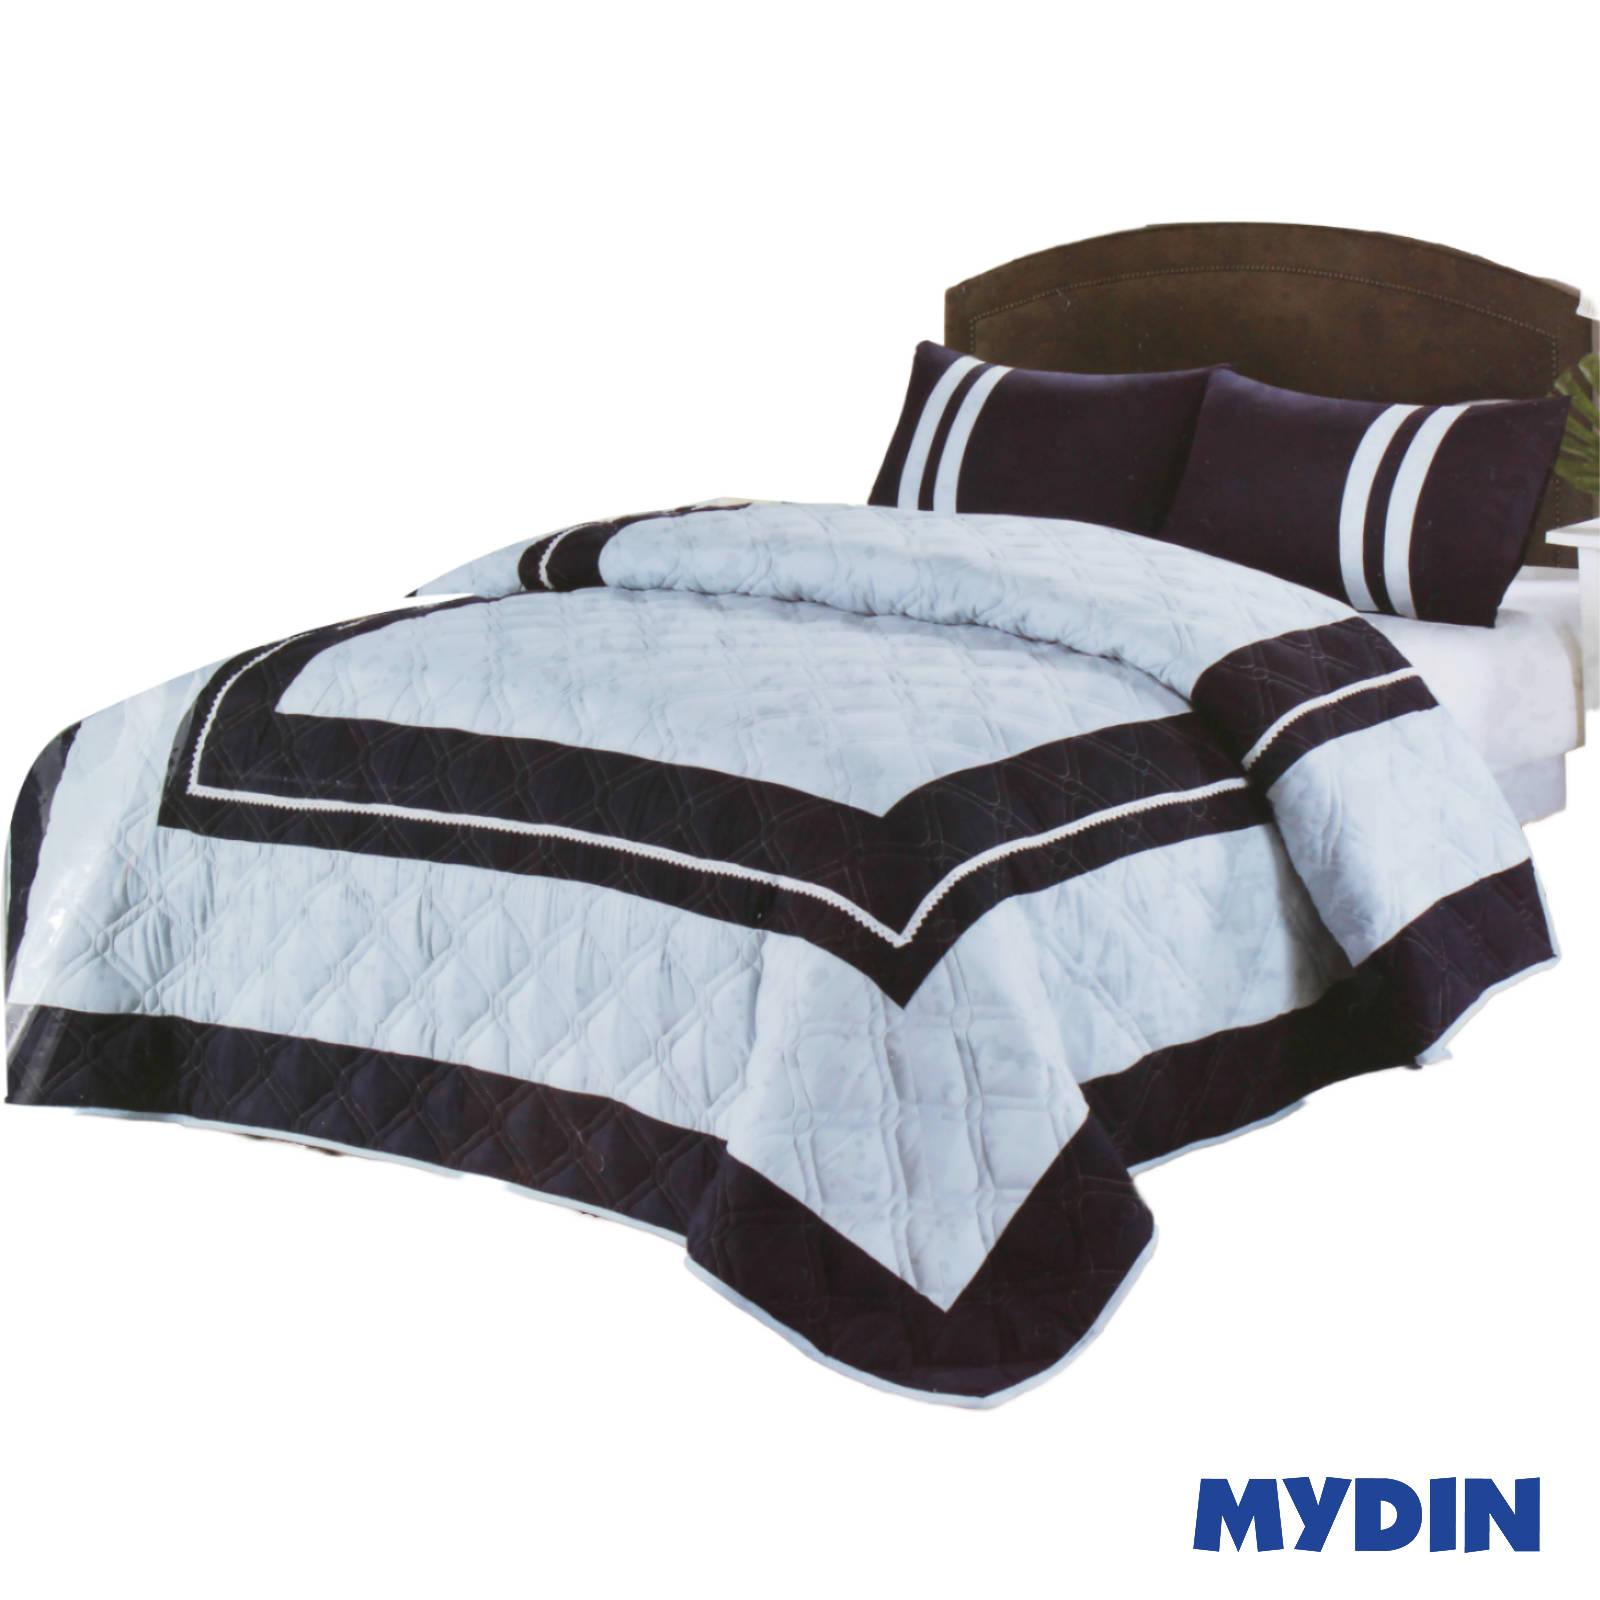 Cozy Navy Blue Bedspread 3 in 1 Queen Set (BMAX-12403)